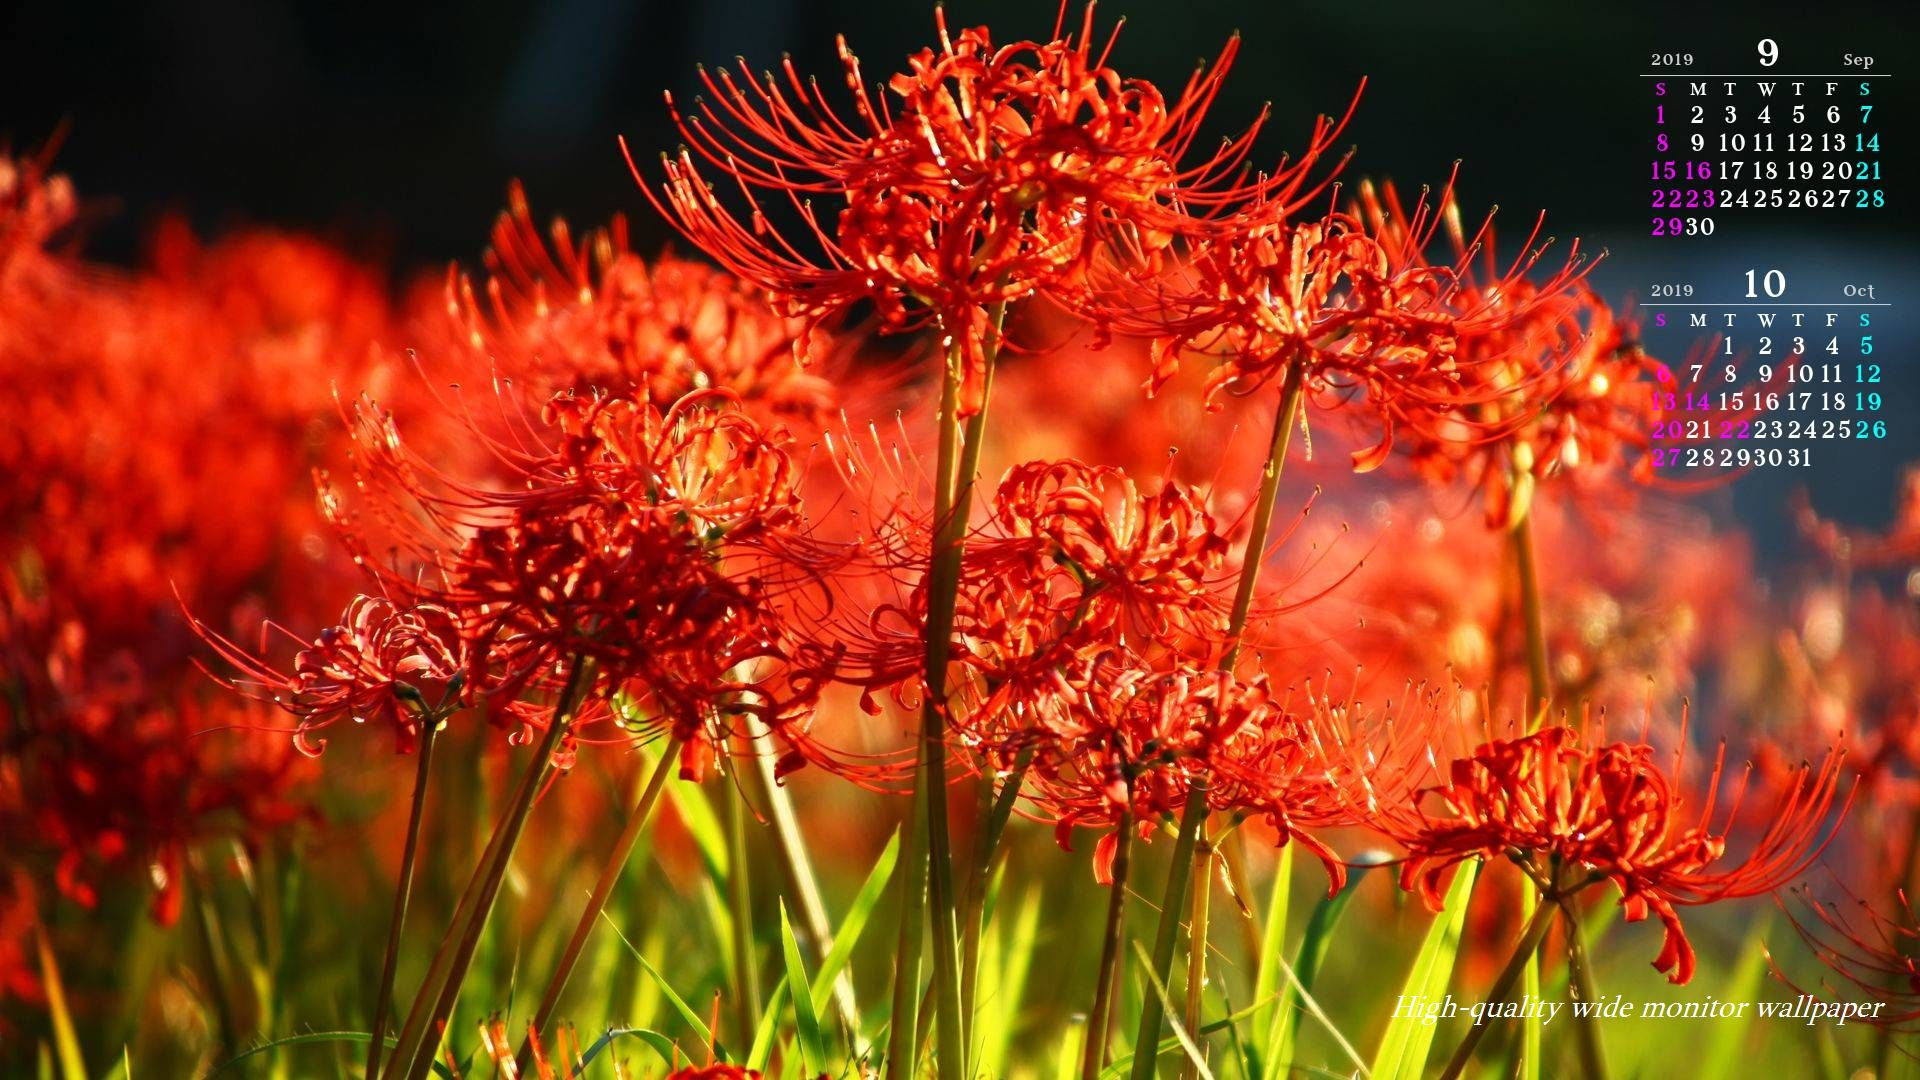 深紅の彼岸花をモチーフにしました19年9月10月のカレンダー付きワイドモニター高画質壁紙 19 1080 アスペクト比16 9 霧島連山 自然風景 星景写真 花 山野草